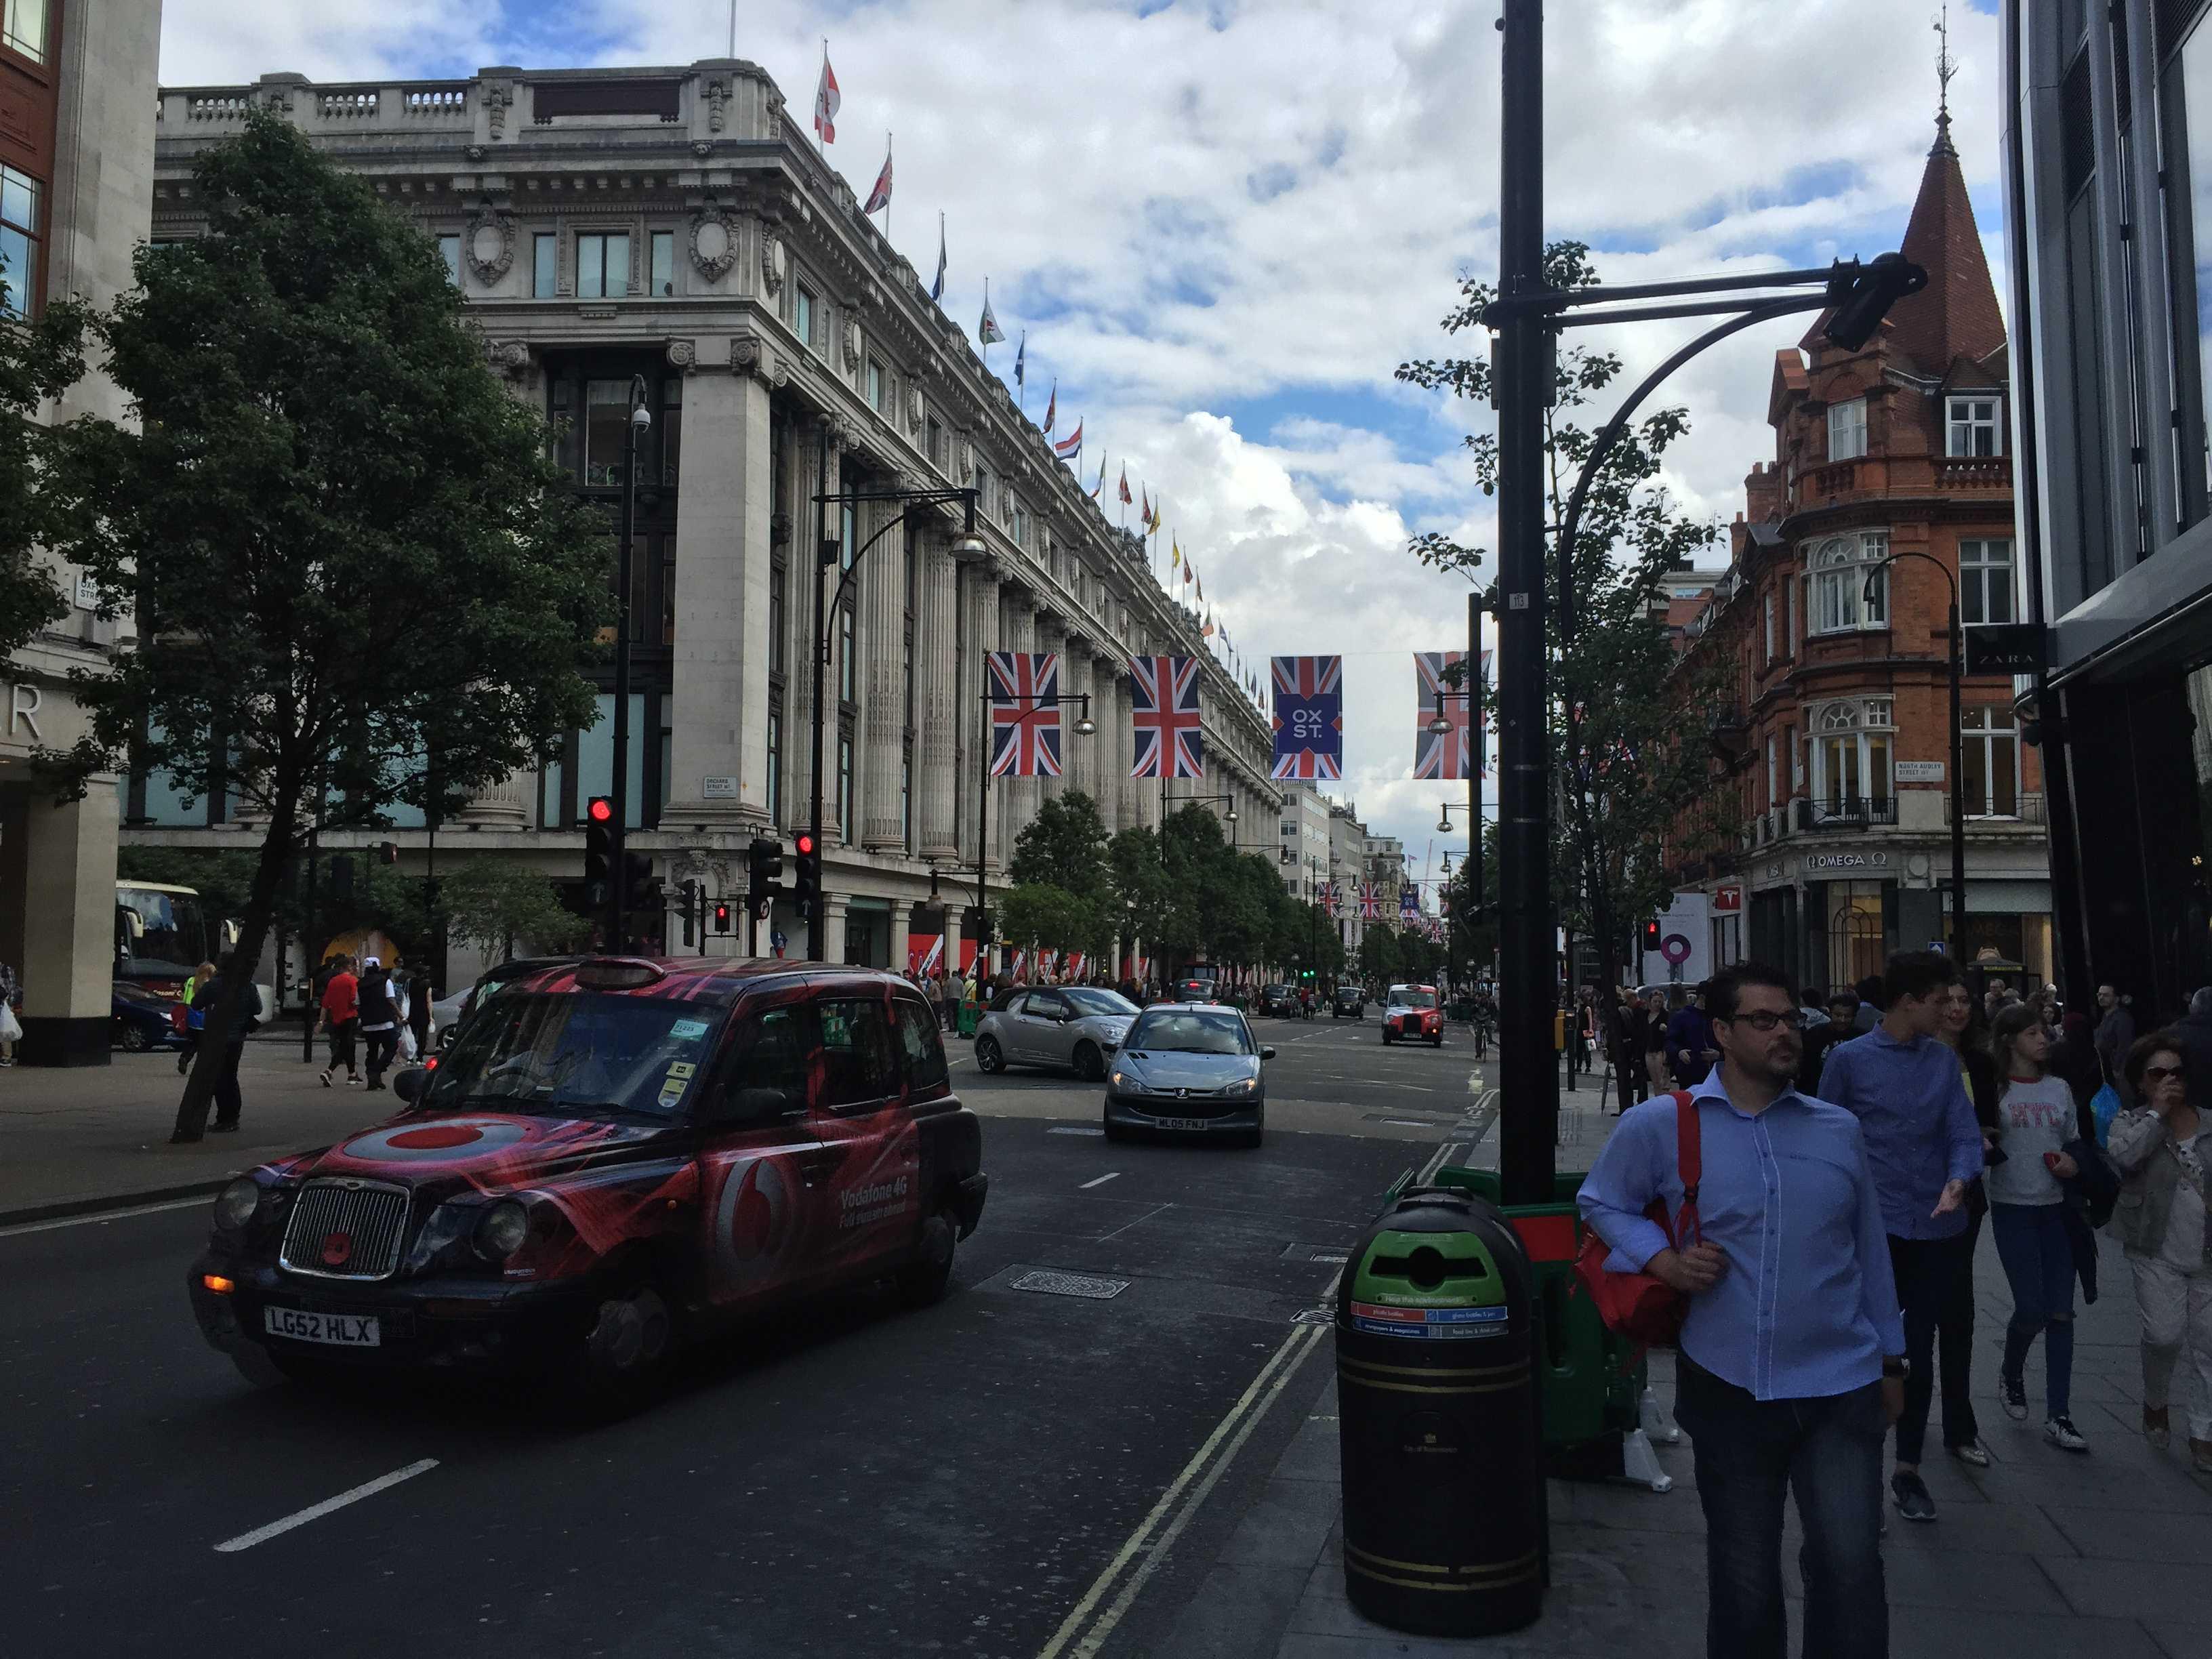 A street in London-fnbworld